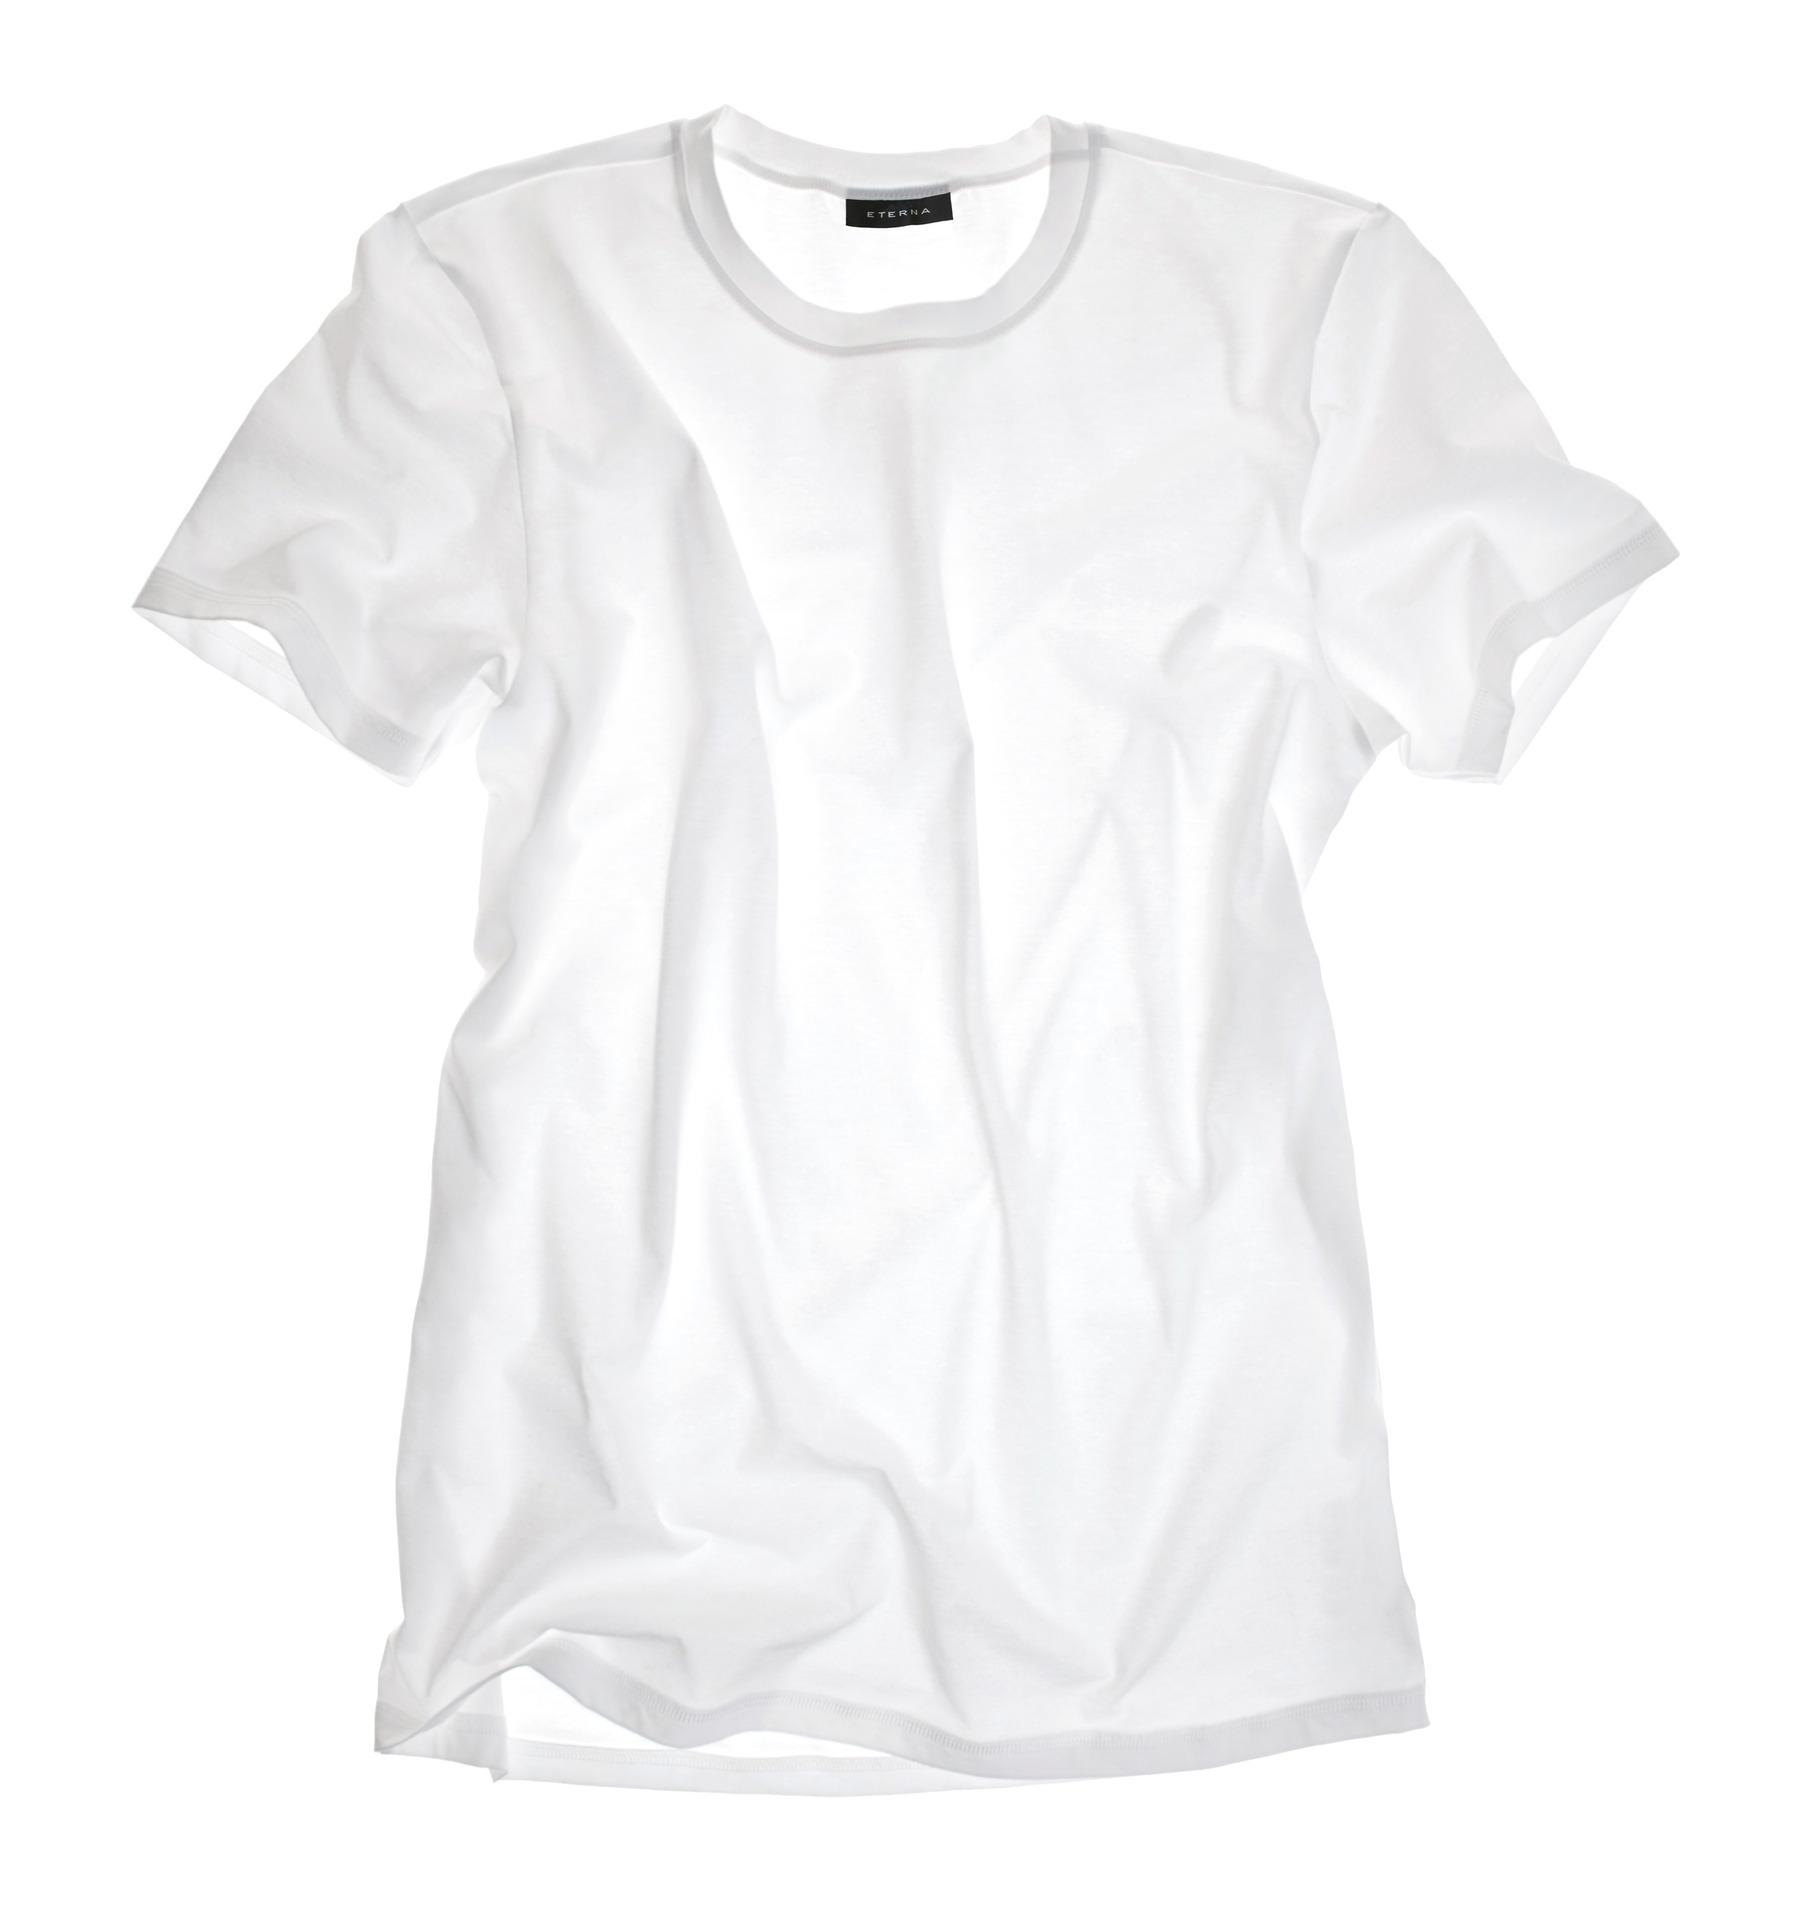 2cd4242b426e Patrí tričko pod košeľu